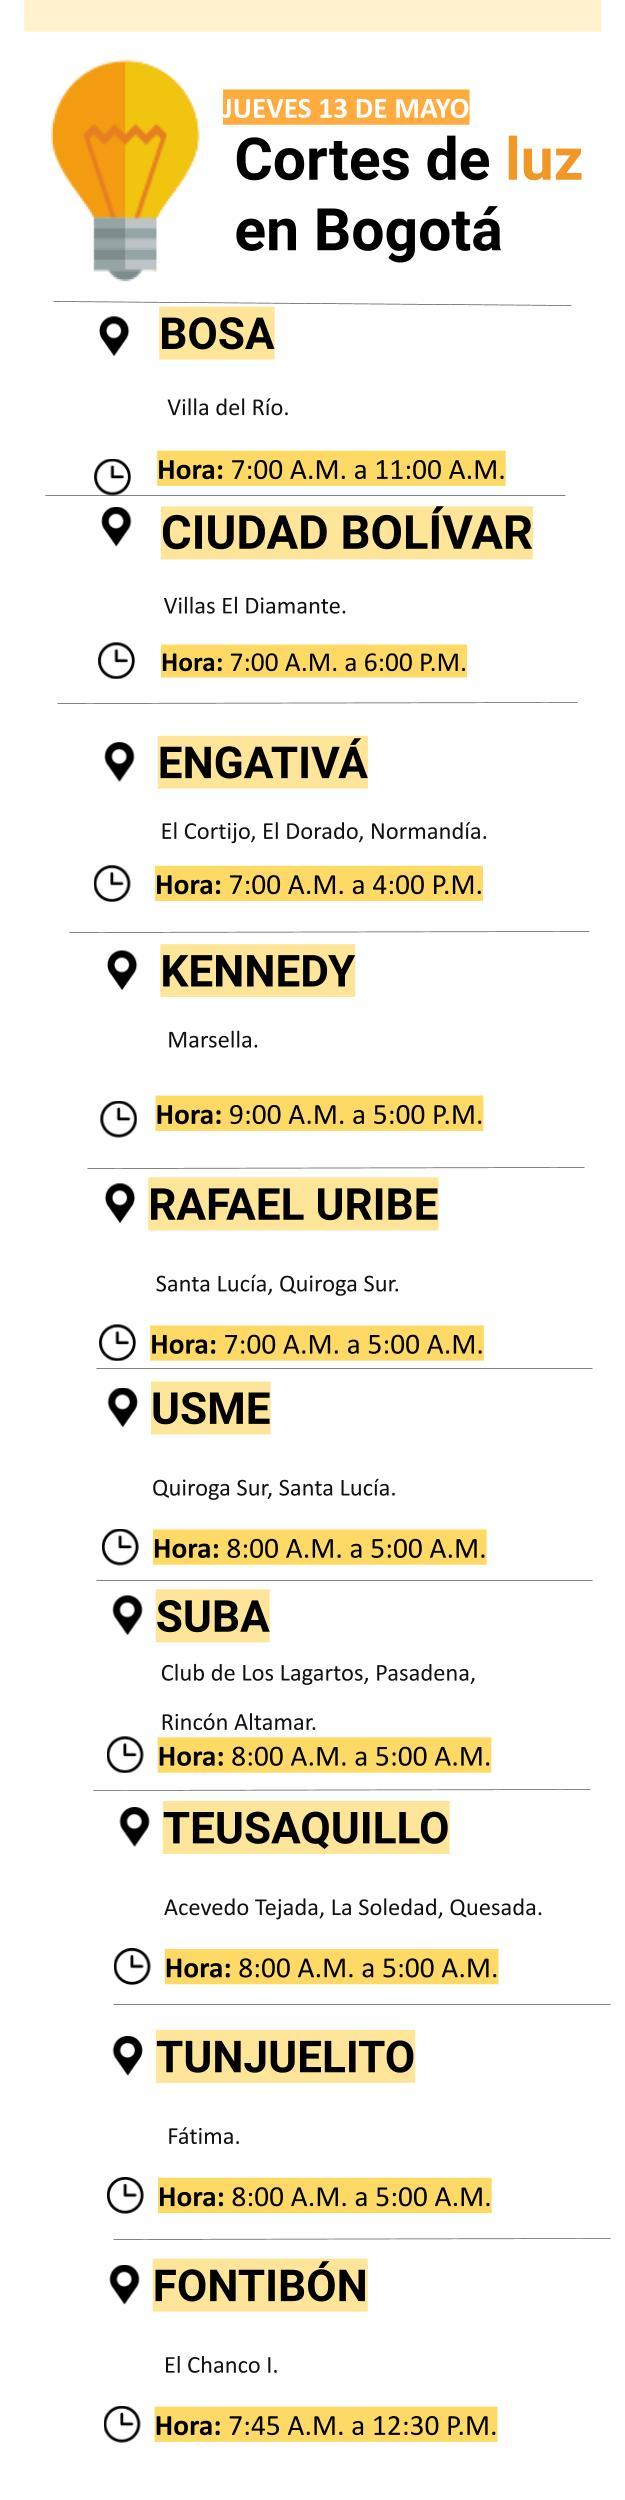 Cortes de luz en Bogotá para el jueves 13 de mayo